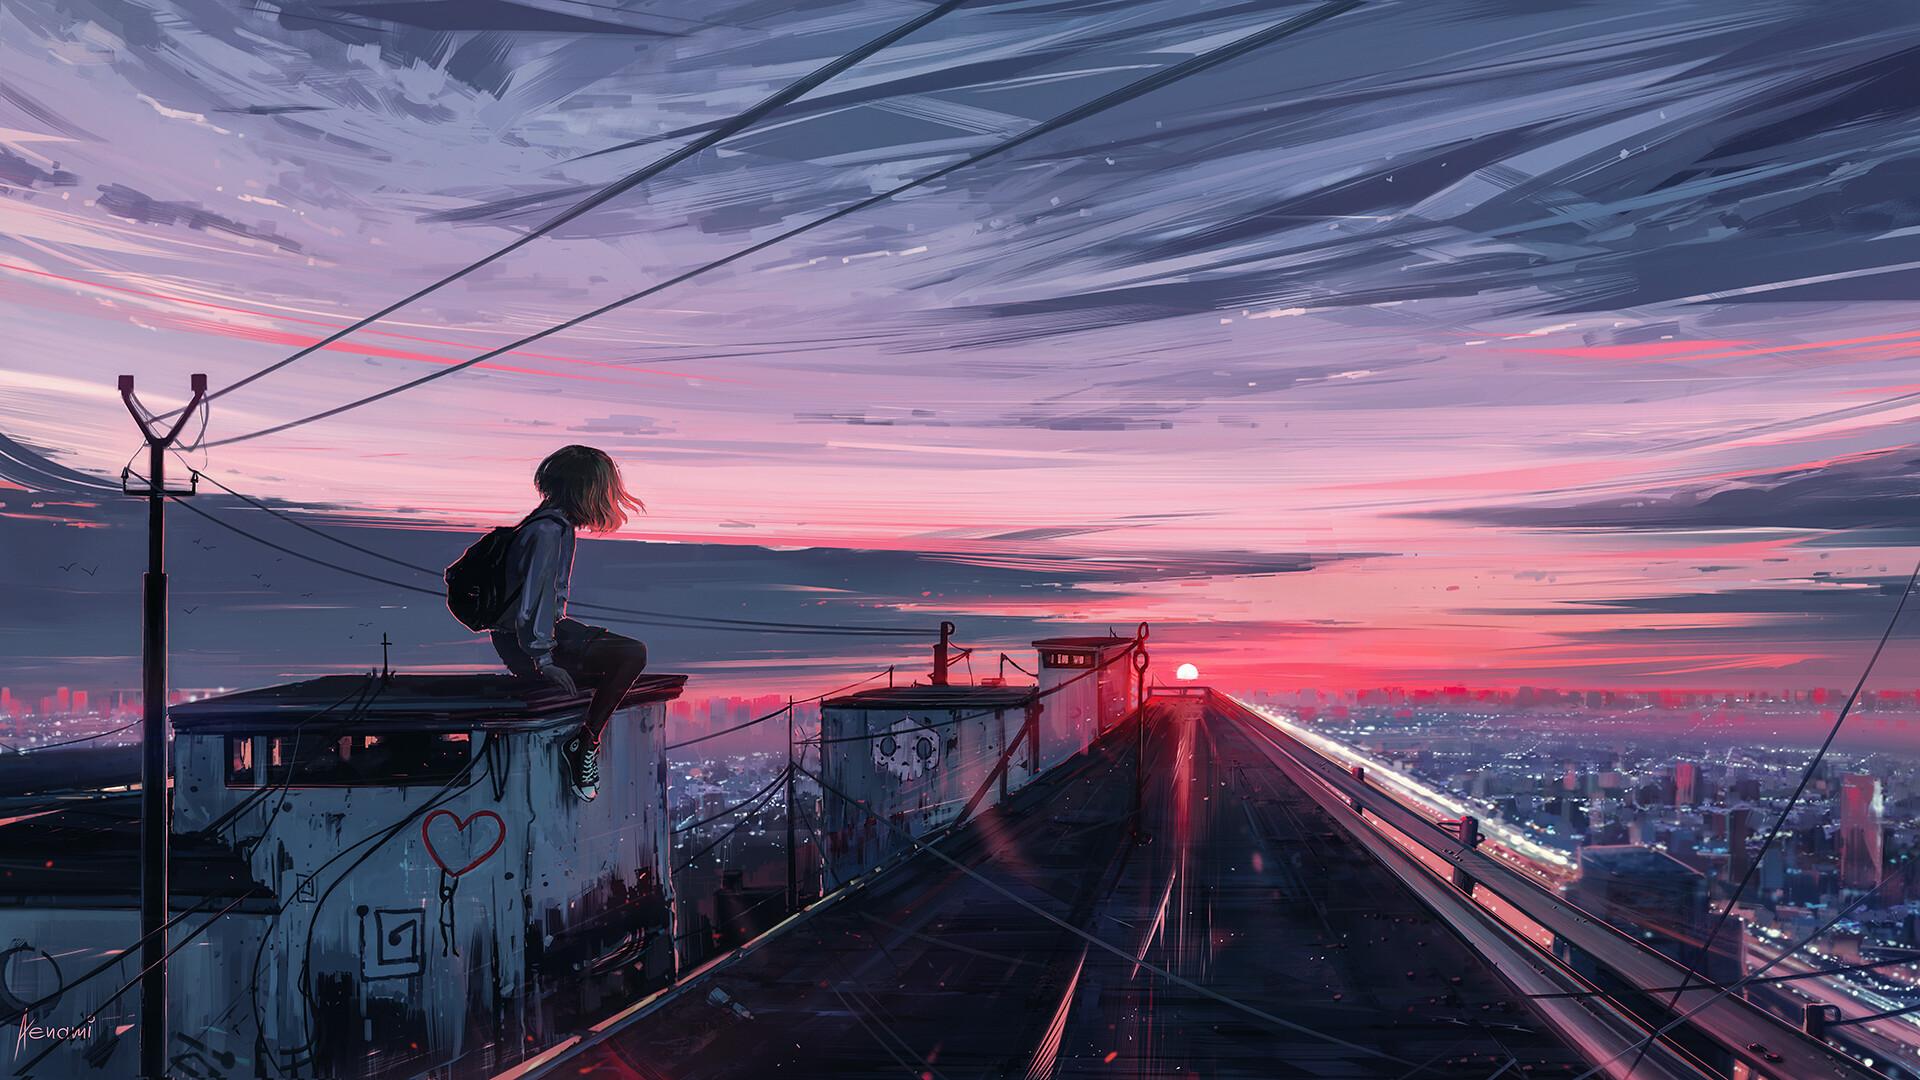 https://cdna.artstation.com/p/assets/images/images/017/814/664/large/alena-aenami-rooflinesgirl-1k-2.jpg